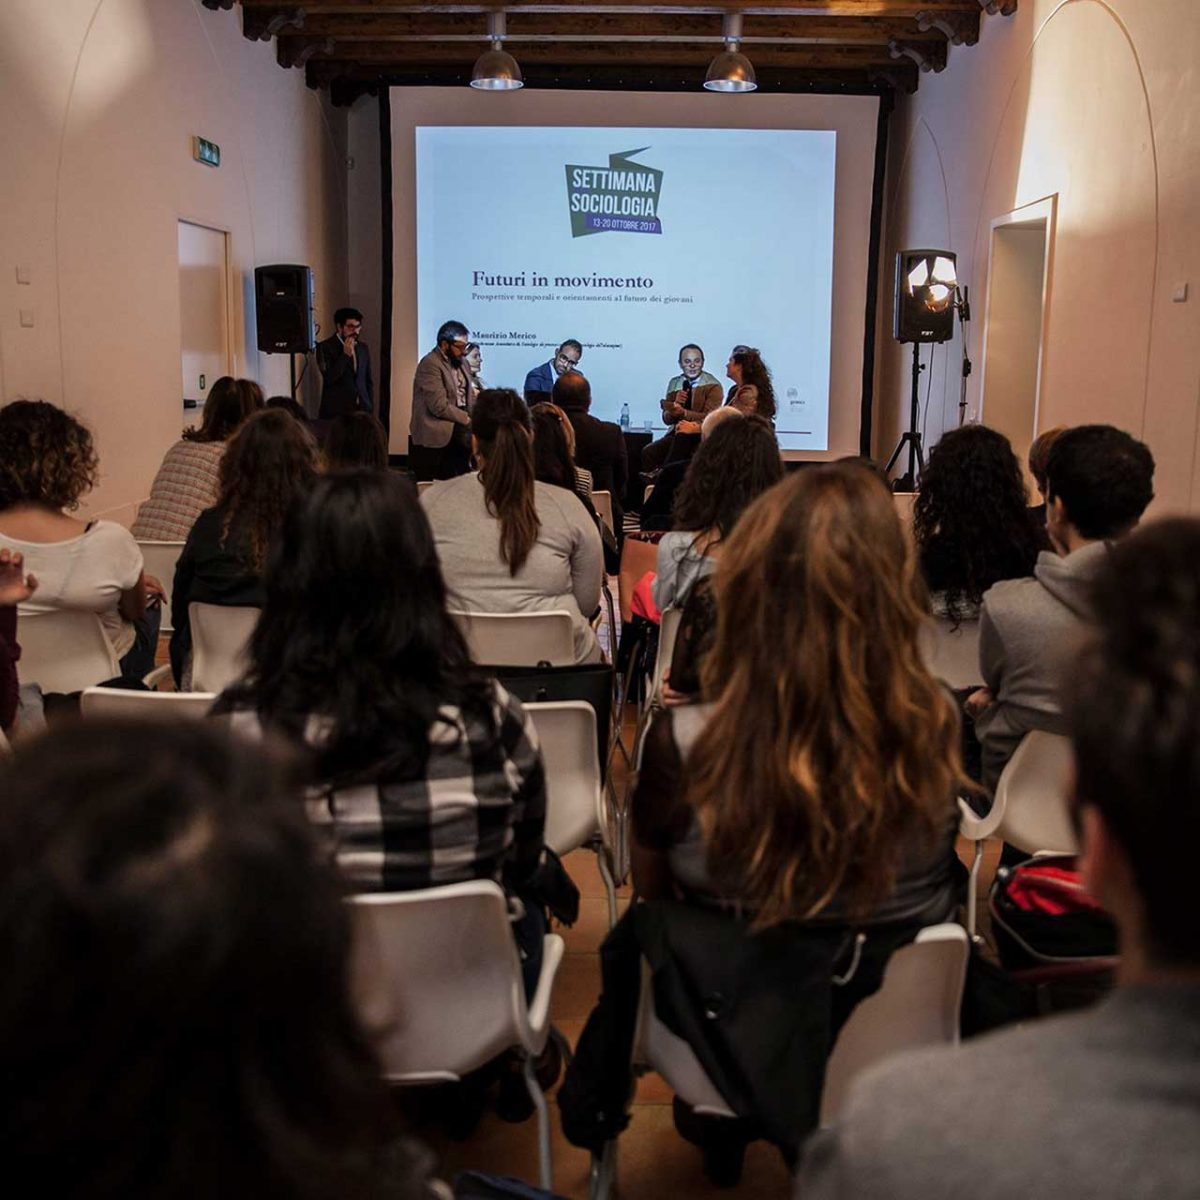 #1 Settimana della Sociologia, con Alfonso Amendola, Gennaro Iorio, Maurizio Merico